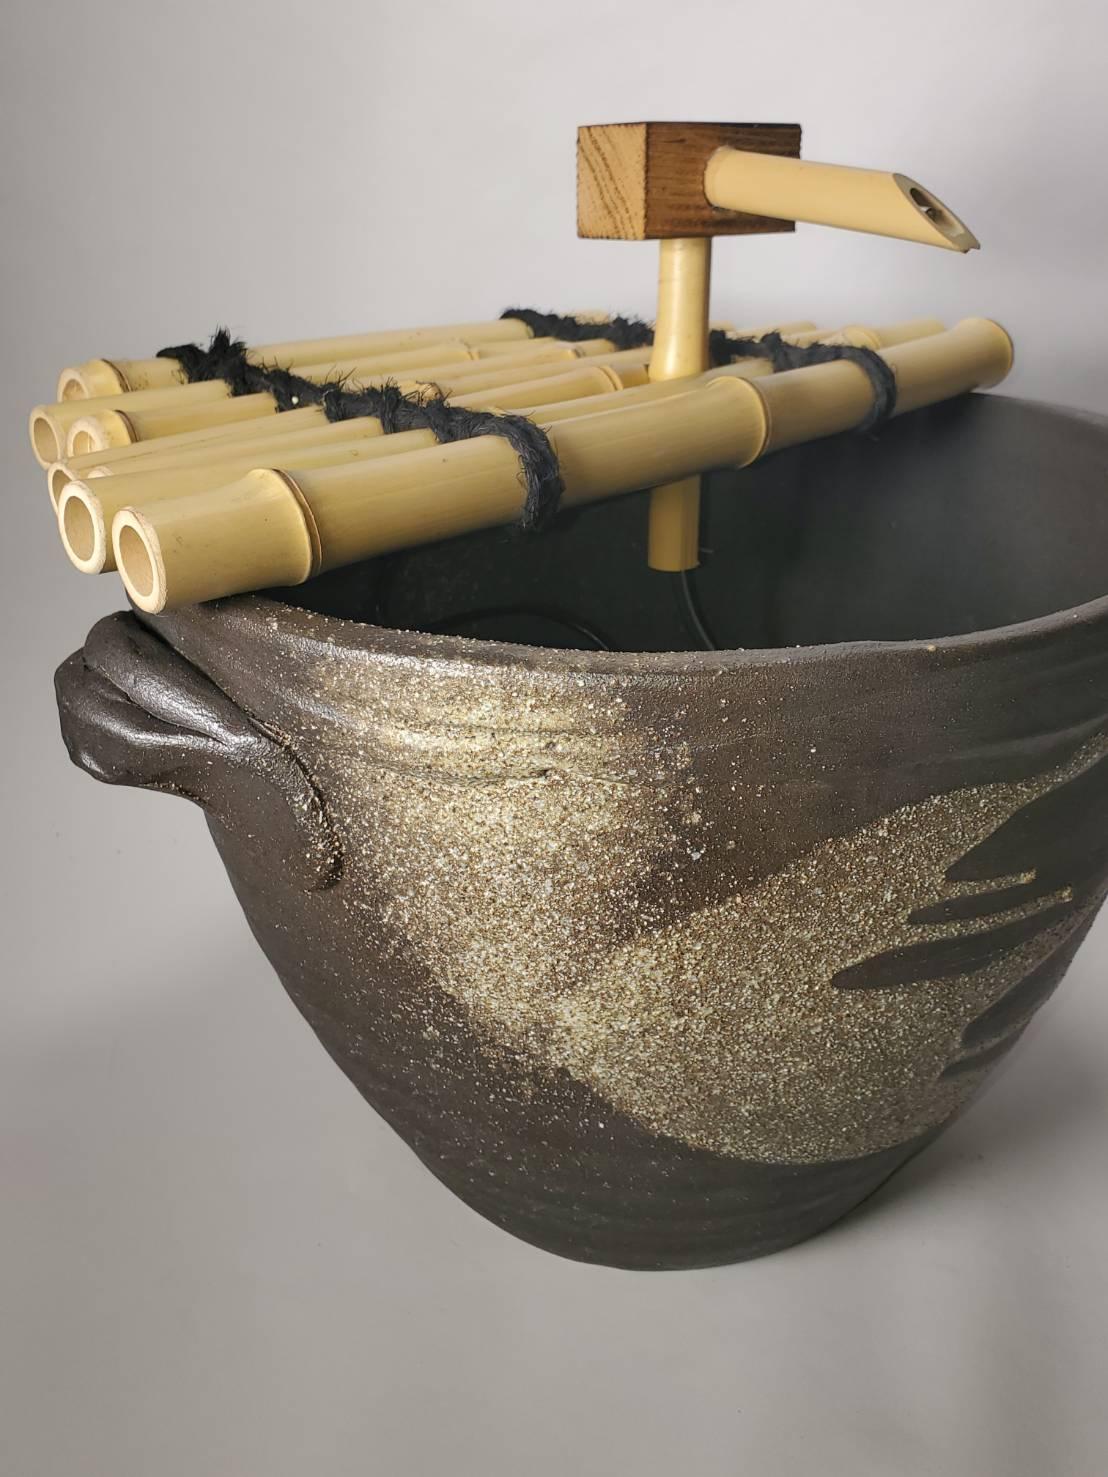 窯肌耳付水流つくばい (竹・循環式モーター)(信楽焼・陶器・つくばい・蹲い)